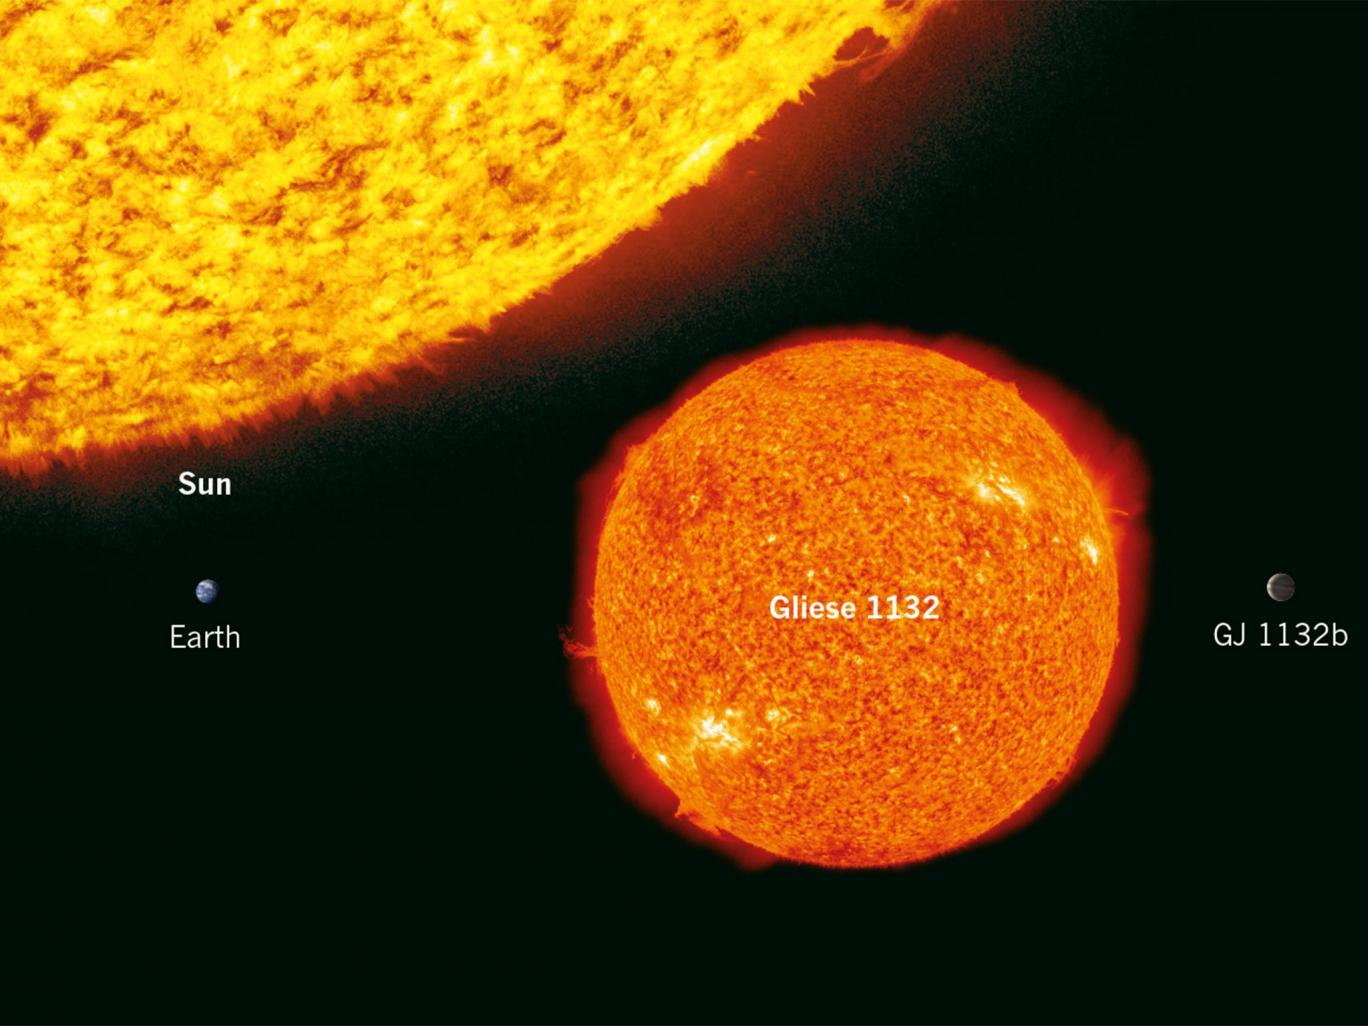 GJ 1132b, Венера, планета